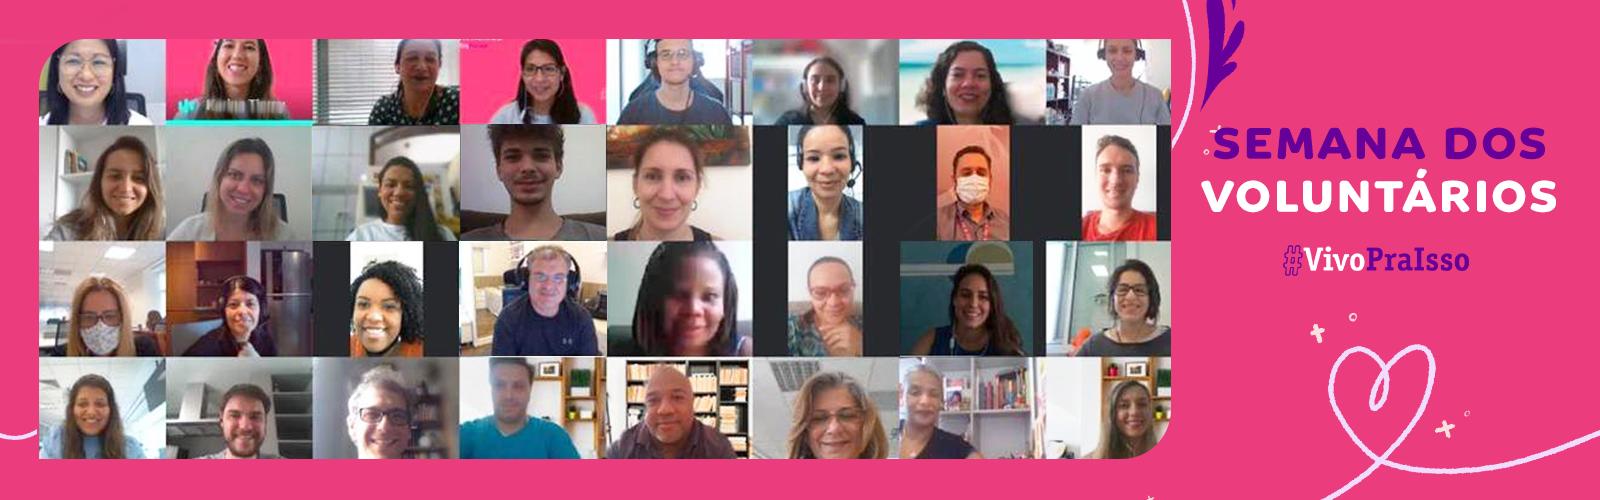 Imagem reúne 24 dos mais de 4.000 colaboradores da Vivo que atuaram na Semana dos Voluntários em novembro. Na montagem aparecem frames do rosto dos 24 colaboradores, que participaram de ações voluntárias de maneira 100% digital.